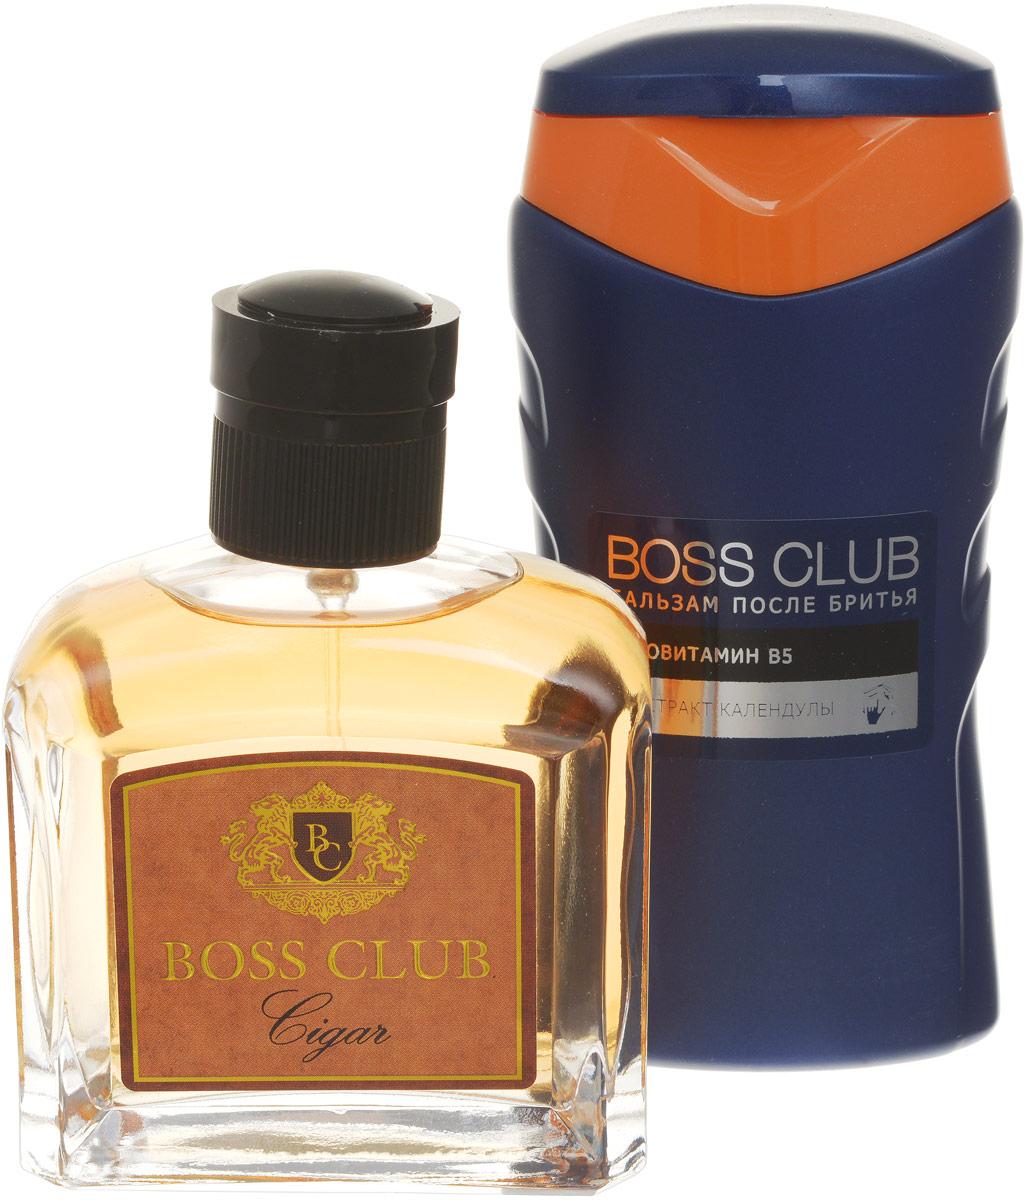 Boss Club Парфюмированный набор: Cigar Туалетная вода, 100 мл + Бальзам после бритья, 150 мл